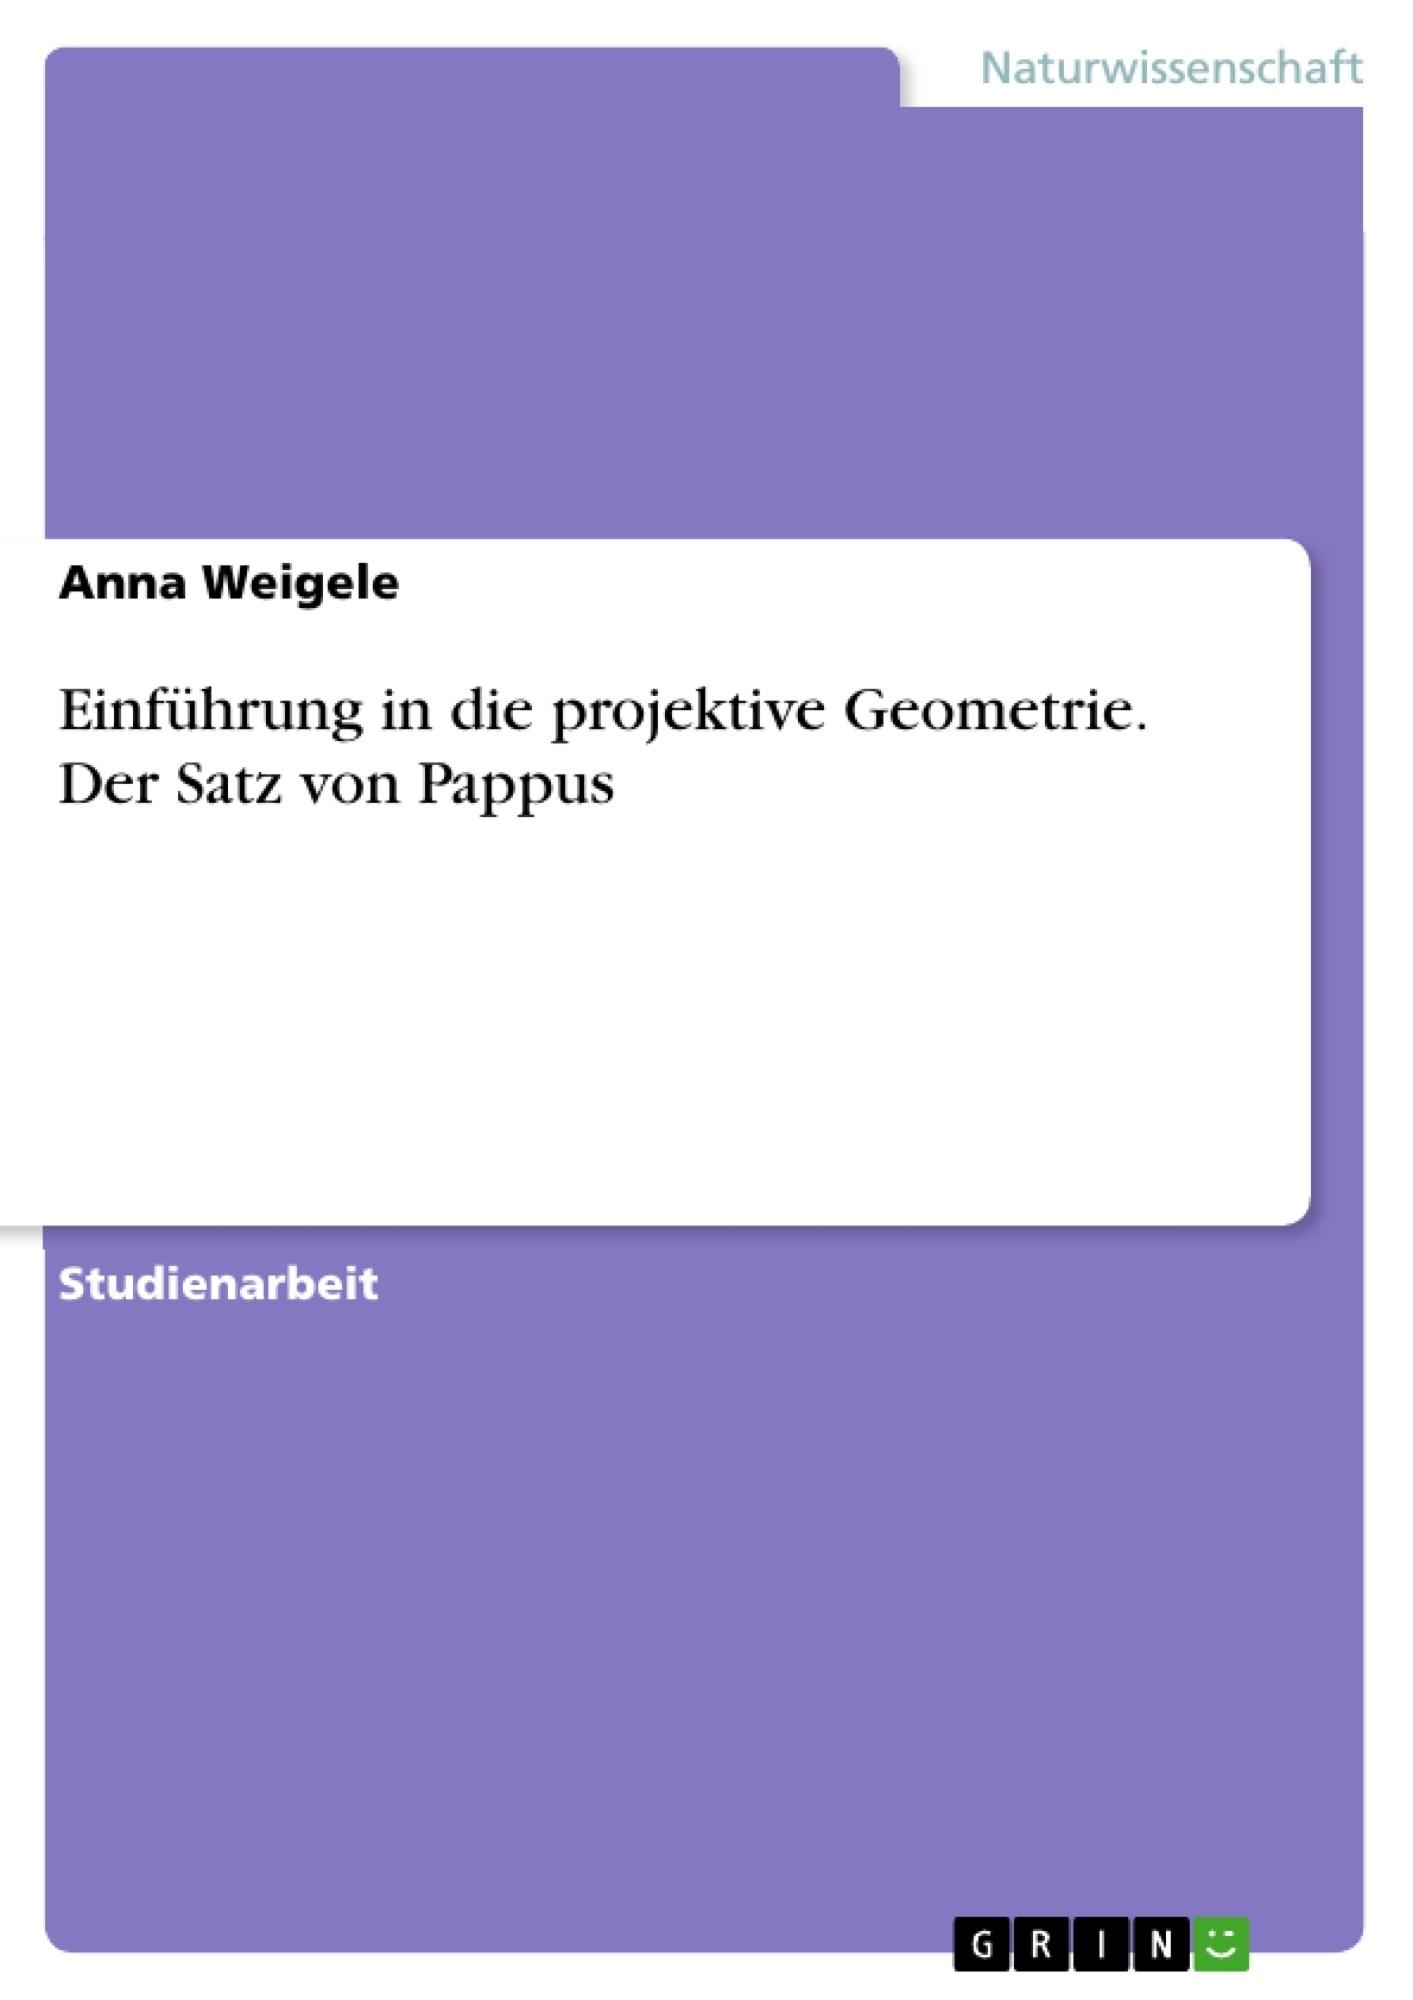 Titel: Einführung in die projektive Geometrie. Der Satz von Pappus